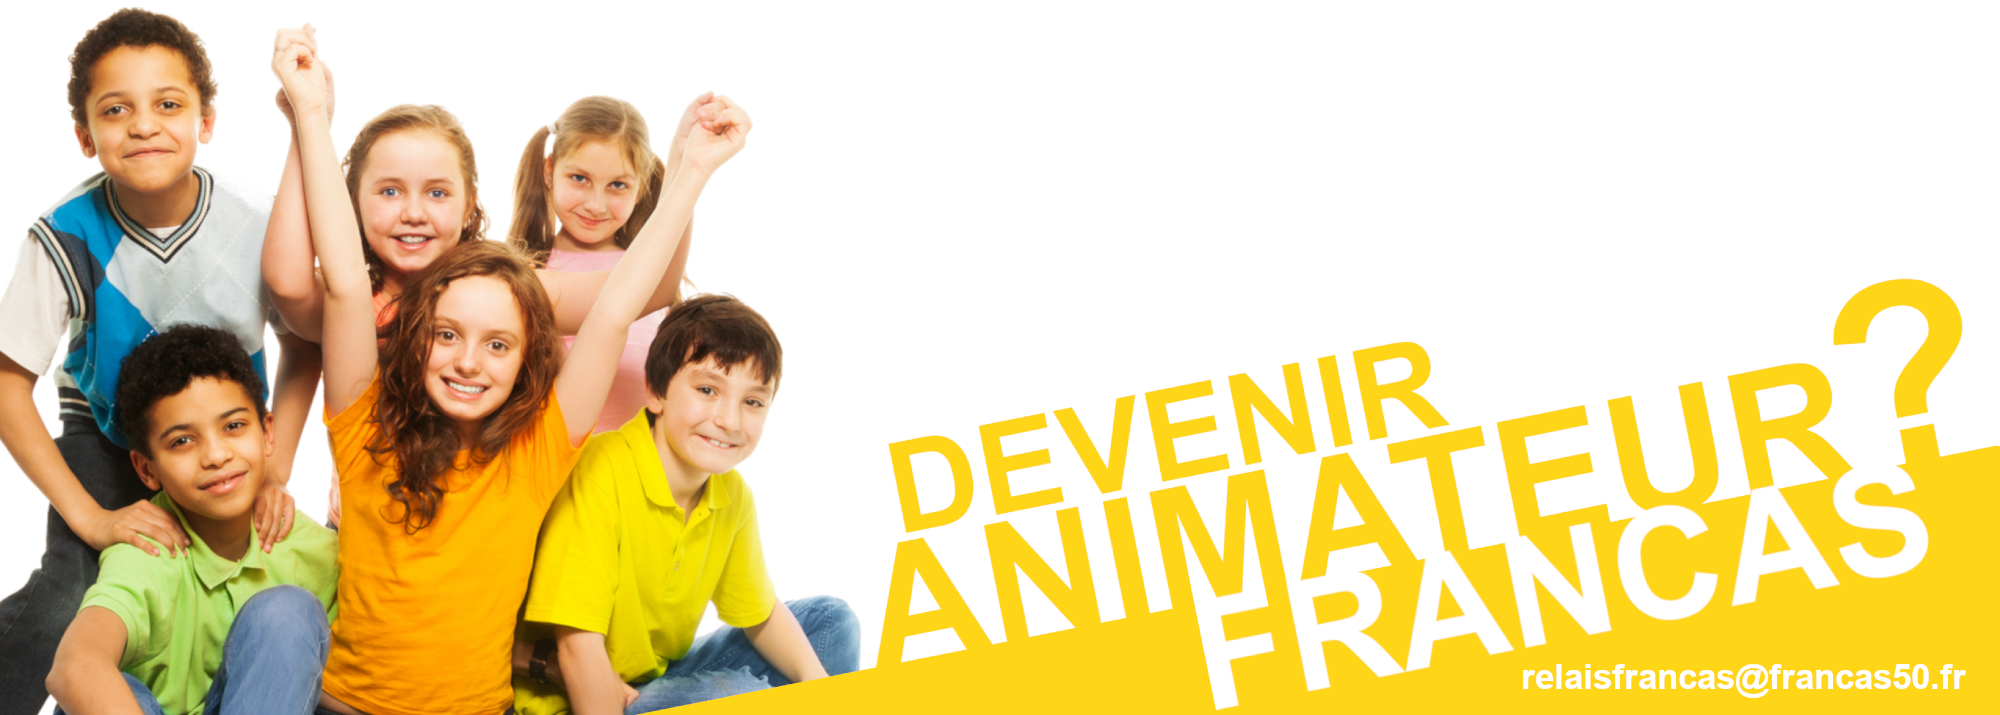 Recherche d'Animatrices/Animateurs